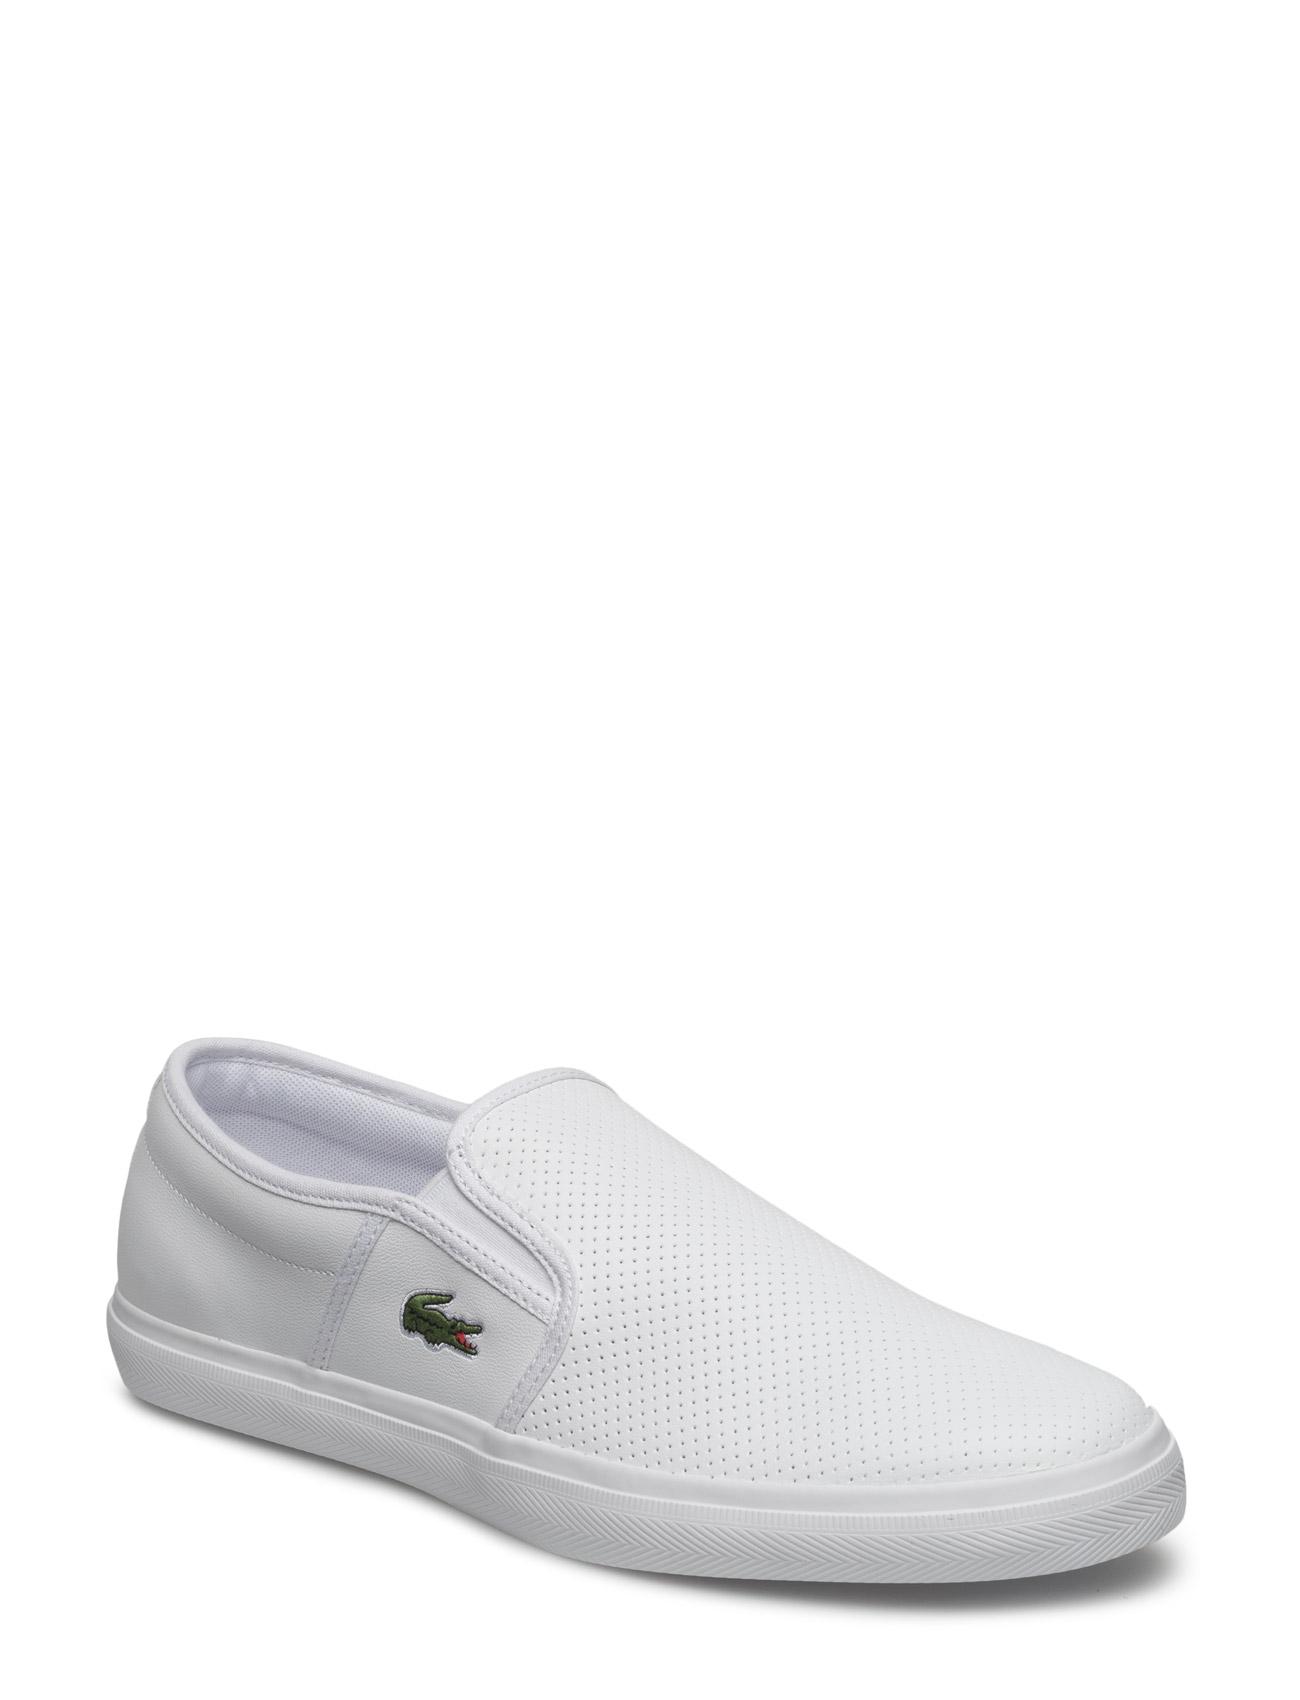 lacoste shoes Gazon bl 1 fra boozt.com dk